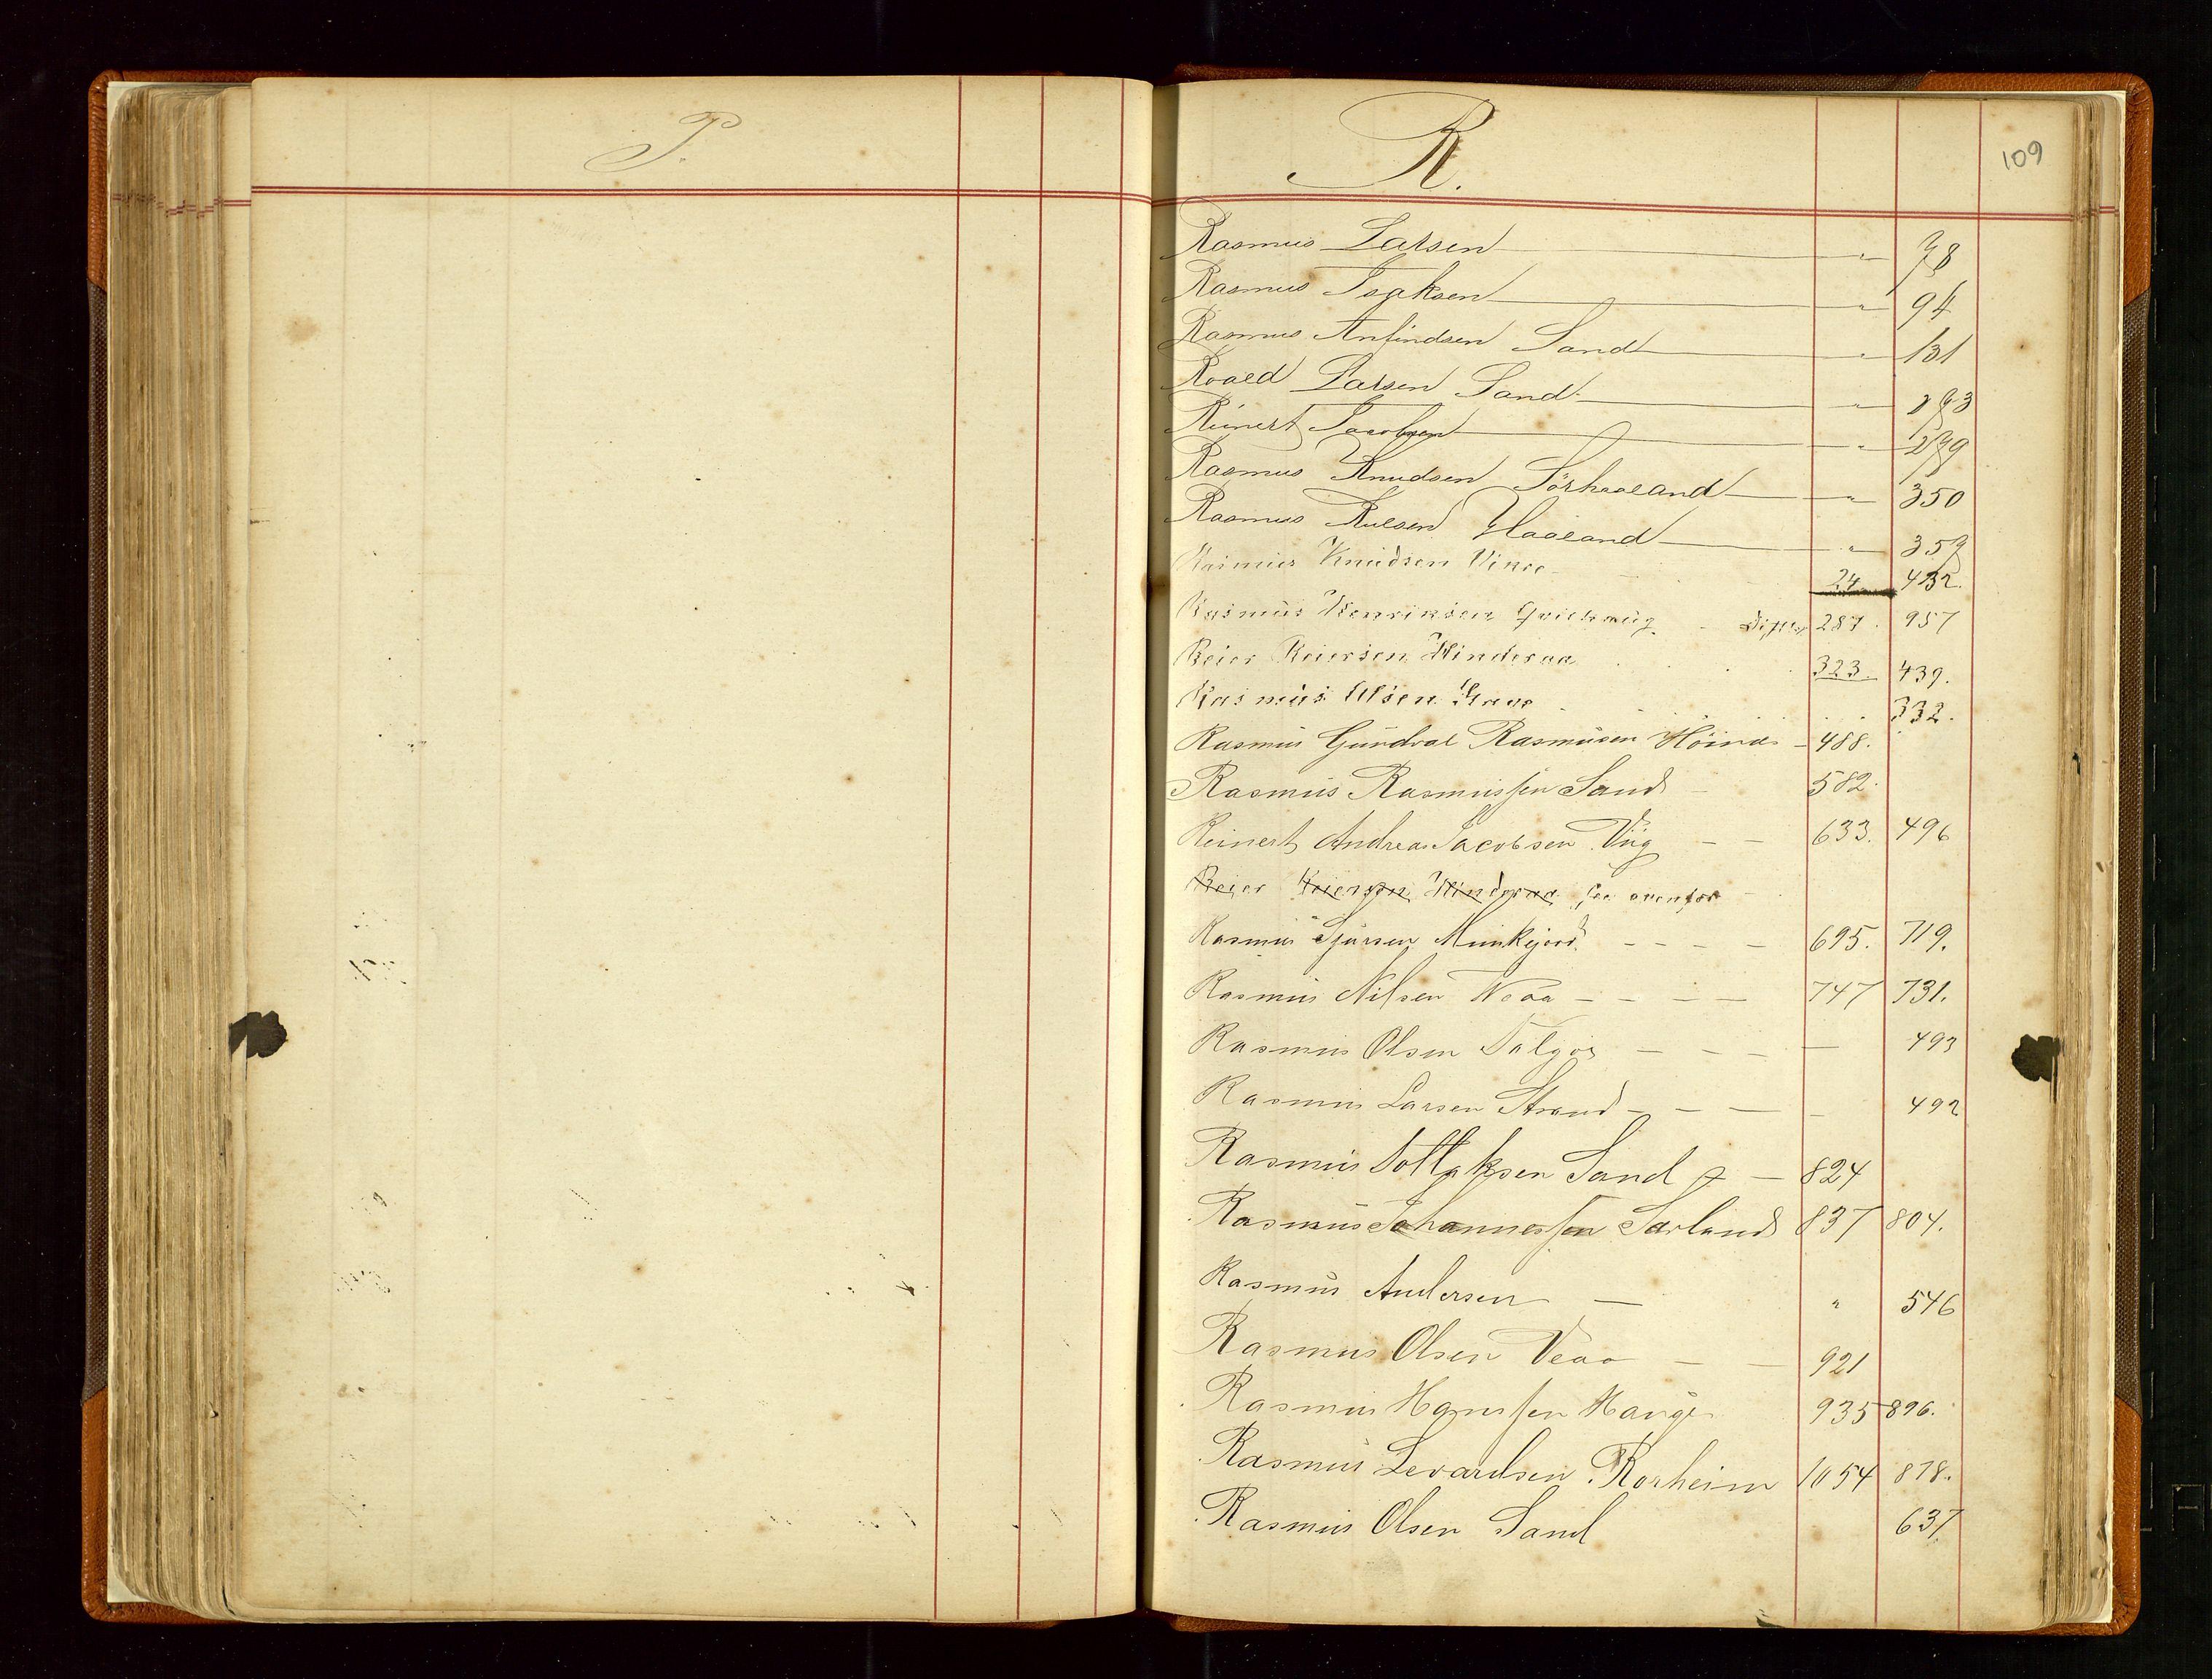 SAST, Haugesund sjømannskontor, F/Fb/Fba/L0003: Navneregister med henvisning til rullenummer (fornavn) Haugesund krets, 1860-1948, s. 109